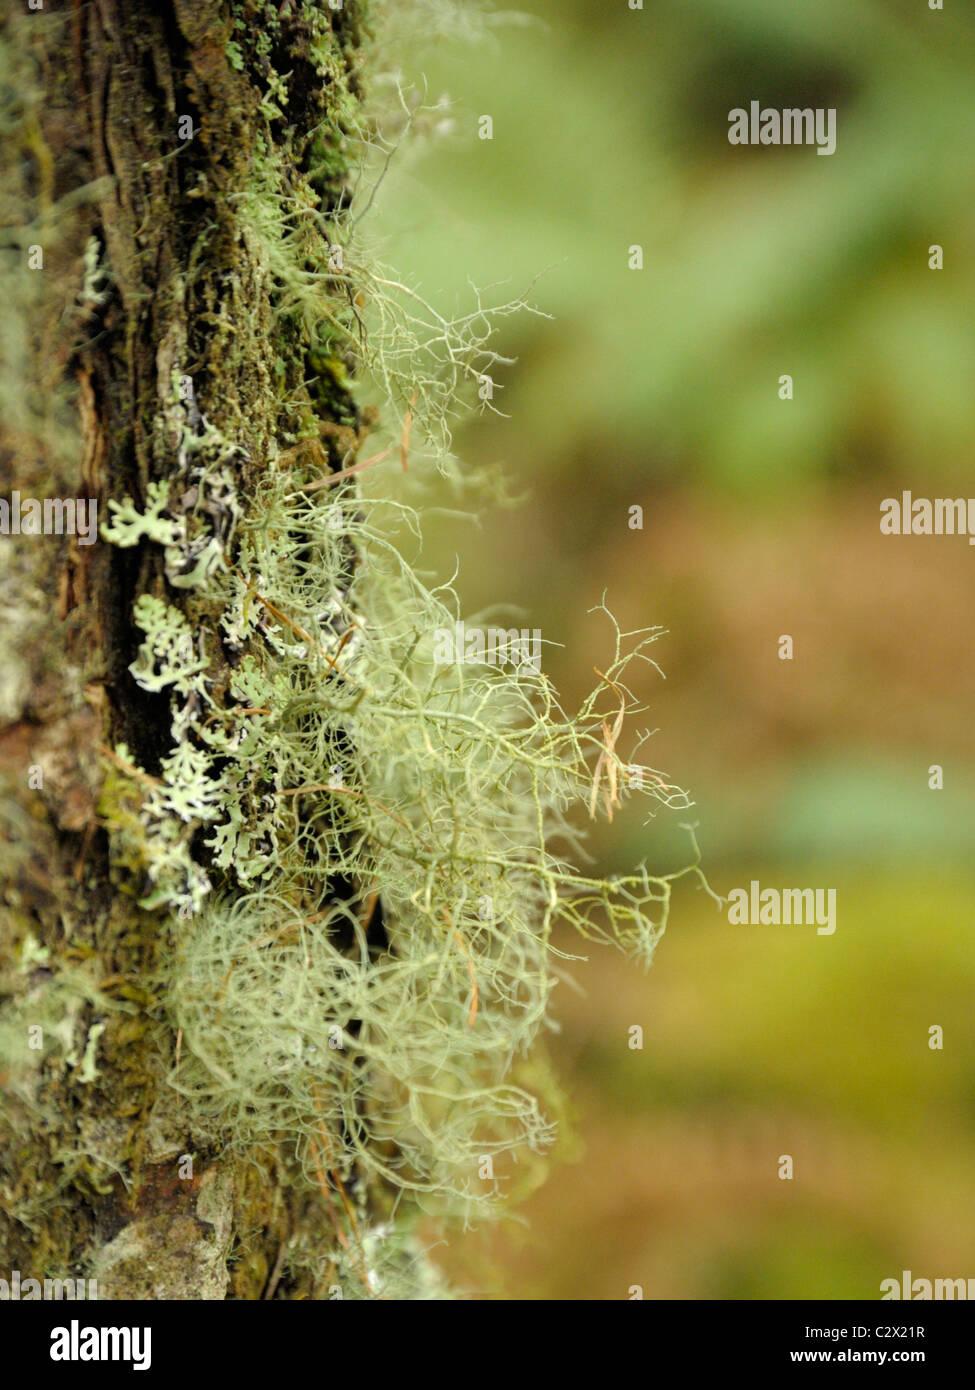 Usnea fragilescens, la barba fragili licheni Immagini Stock